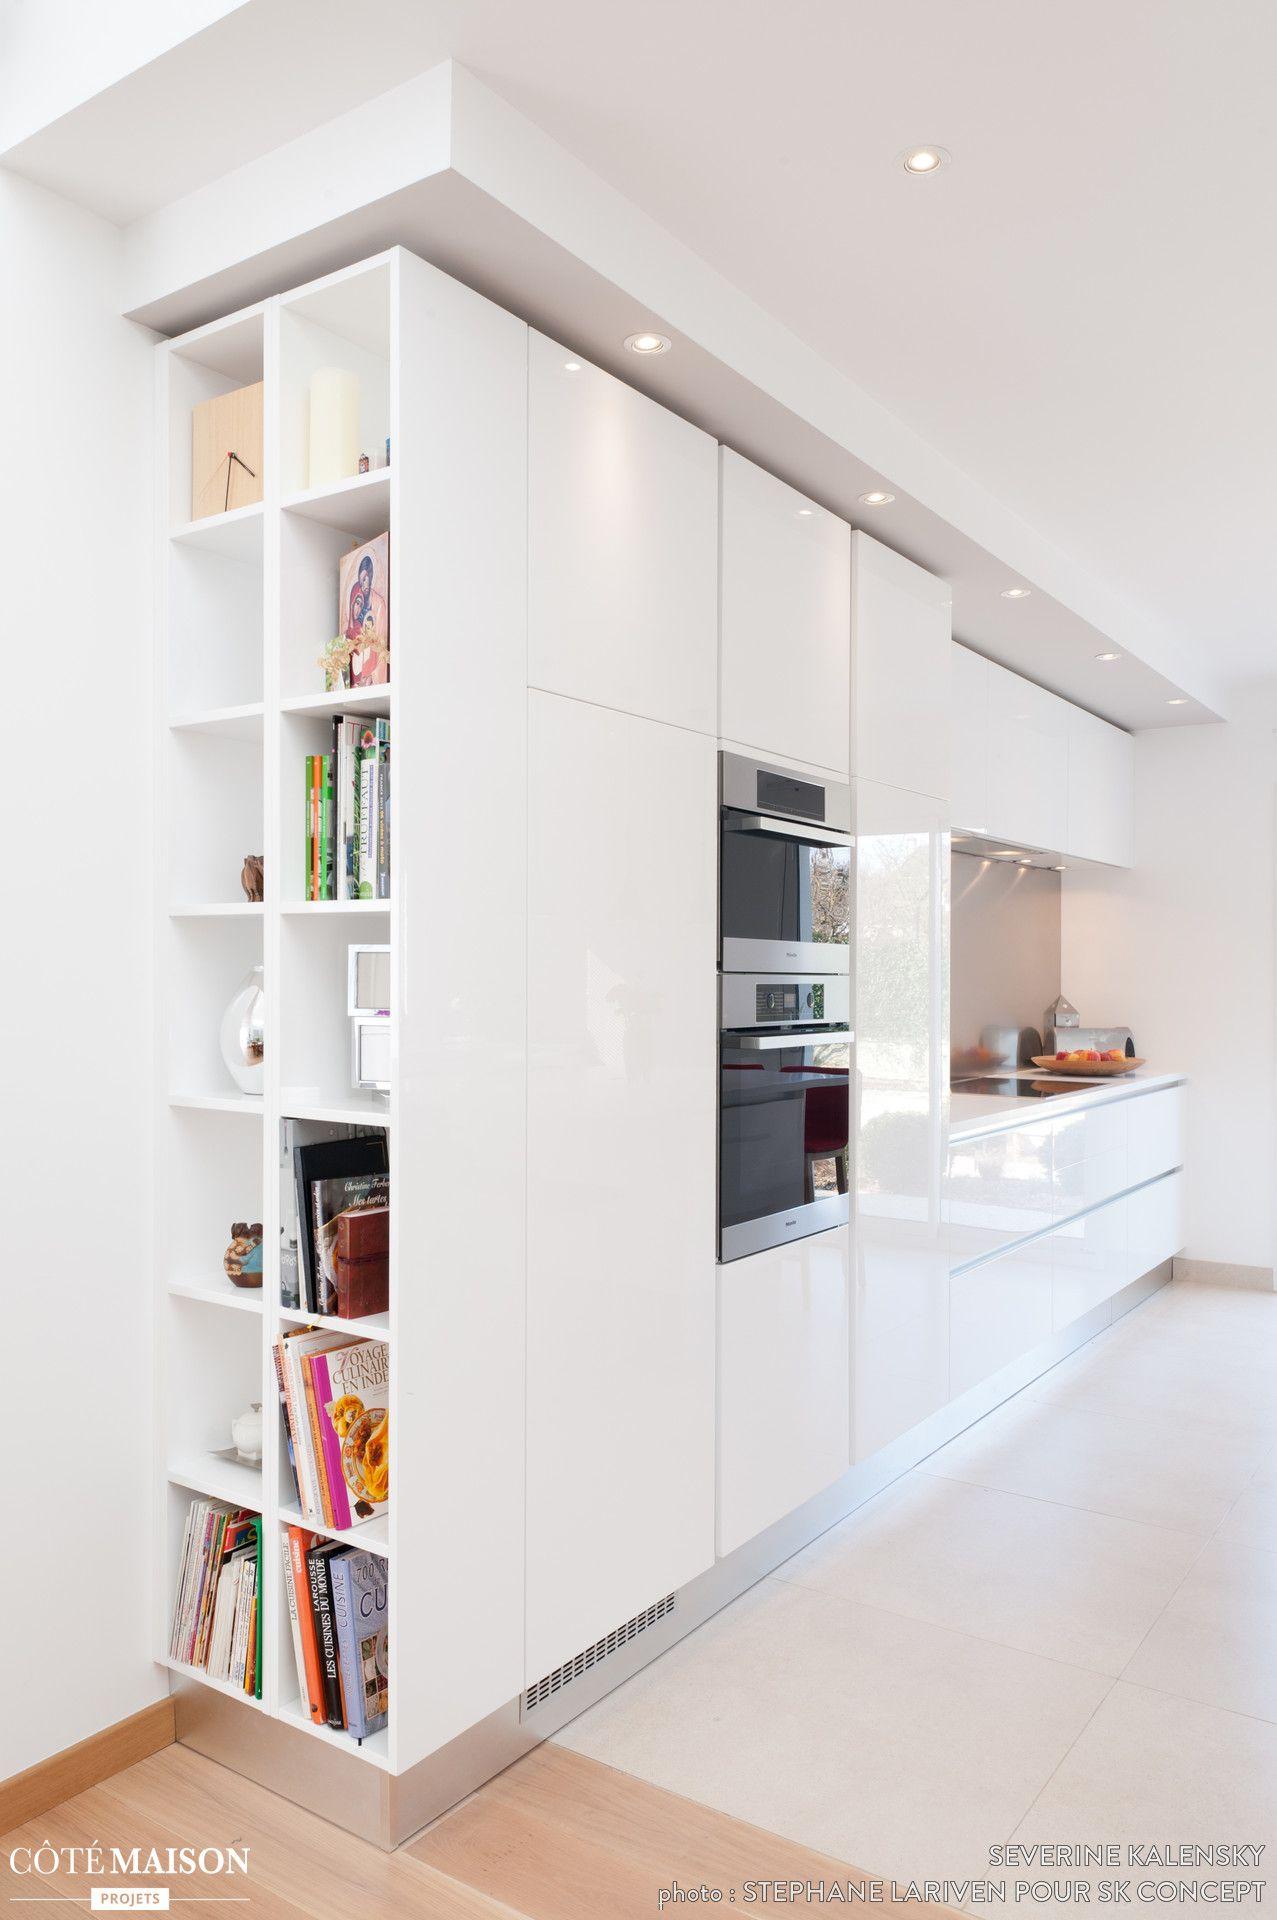 Merveilleux Cuisine Blanche Design Armony Daumesnil Finition Extrême Blanc Modèle  Sigma, Séverine Kalensky   Côté Maison